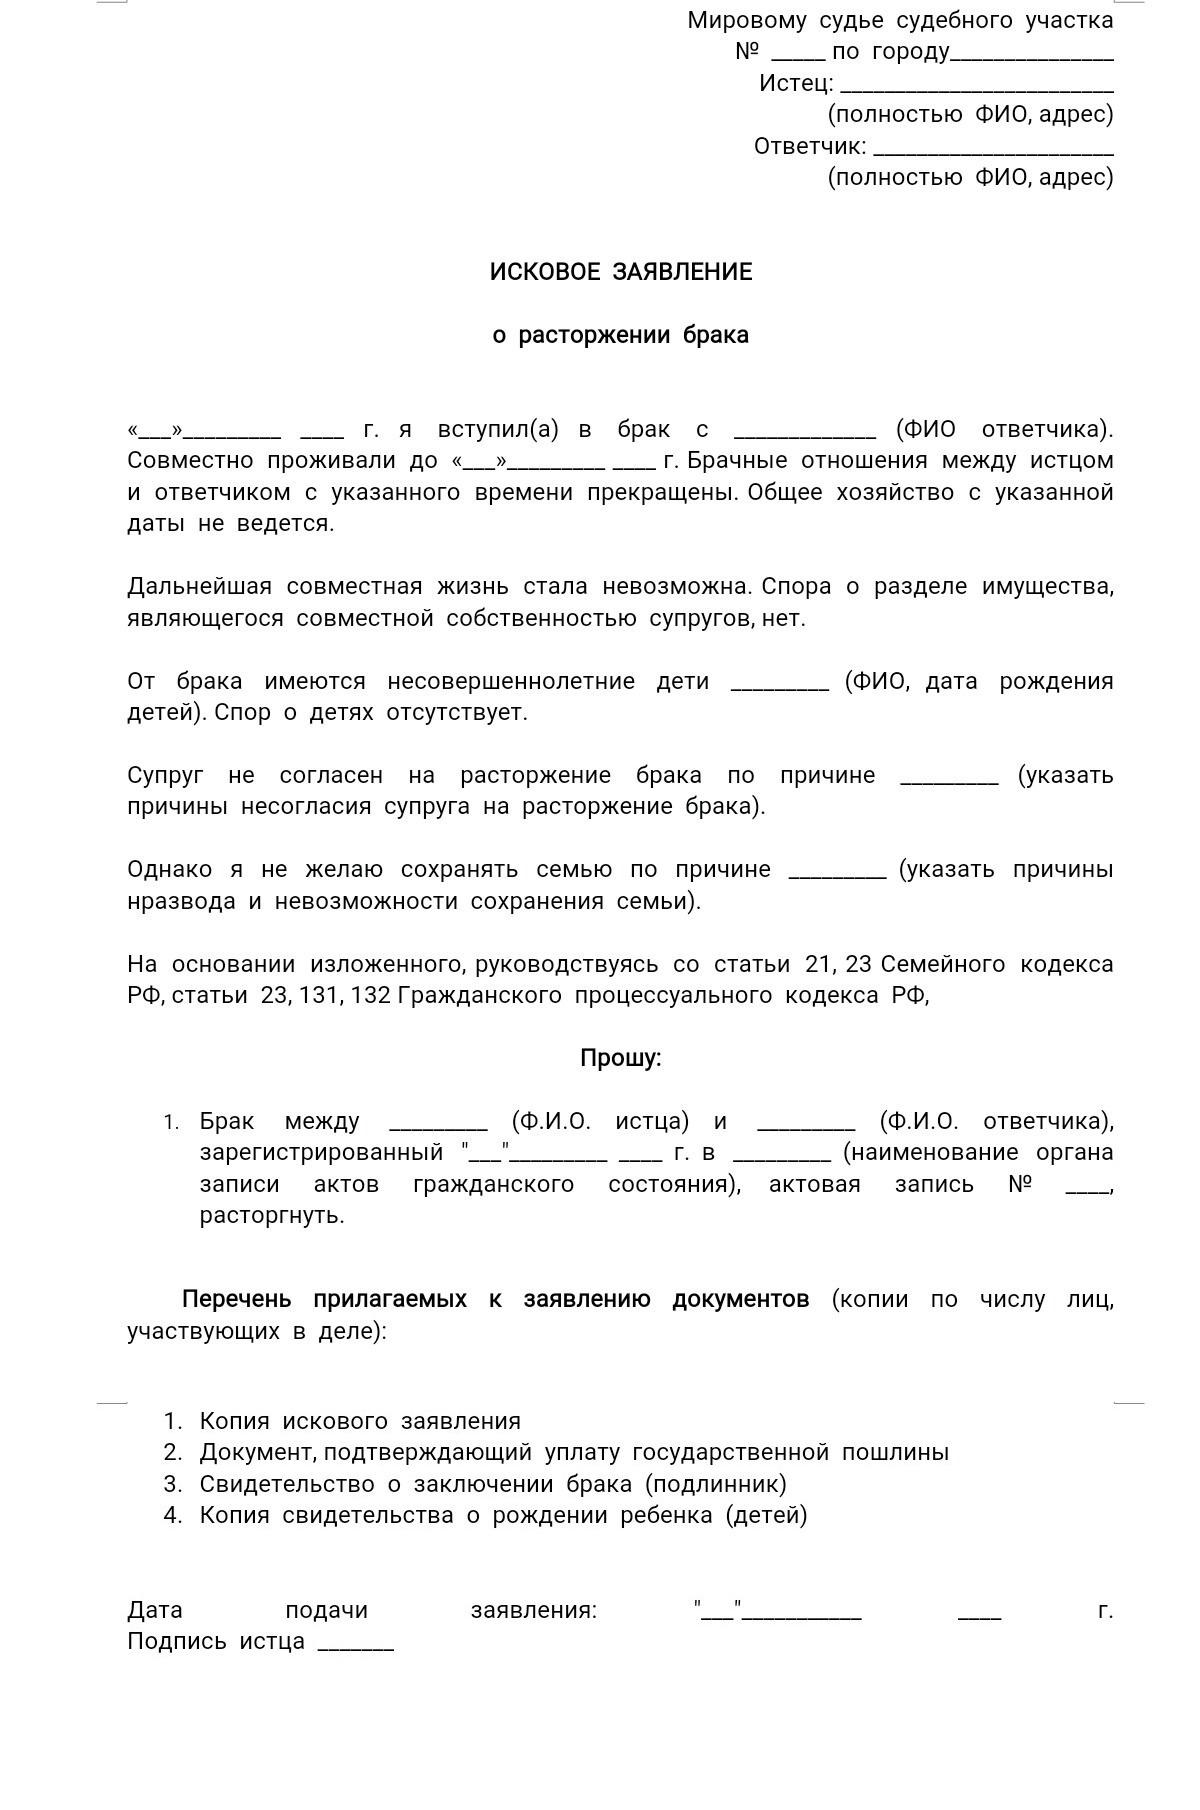 Образец искового заявления на развод 2018